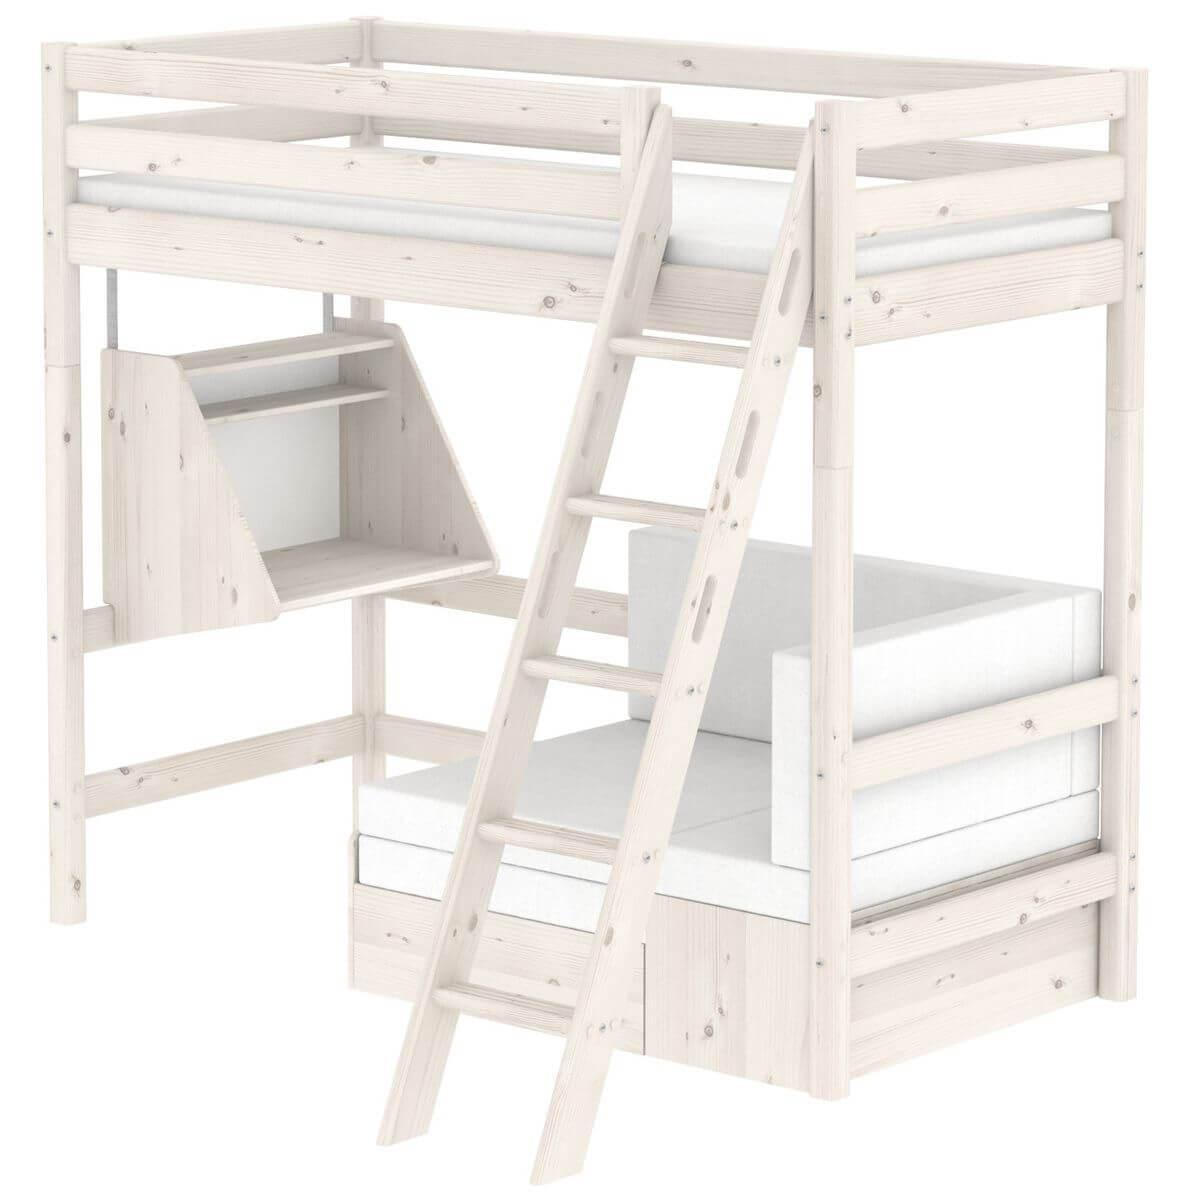 Hochbett mit integriertem Sofabett 90x190cm-Hängeschreibtisch-Schrägleiter (ohne Matratze) CLASSIC Flexa whitewash